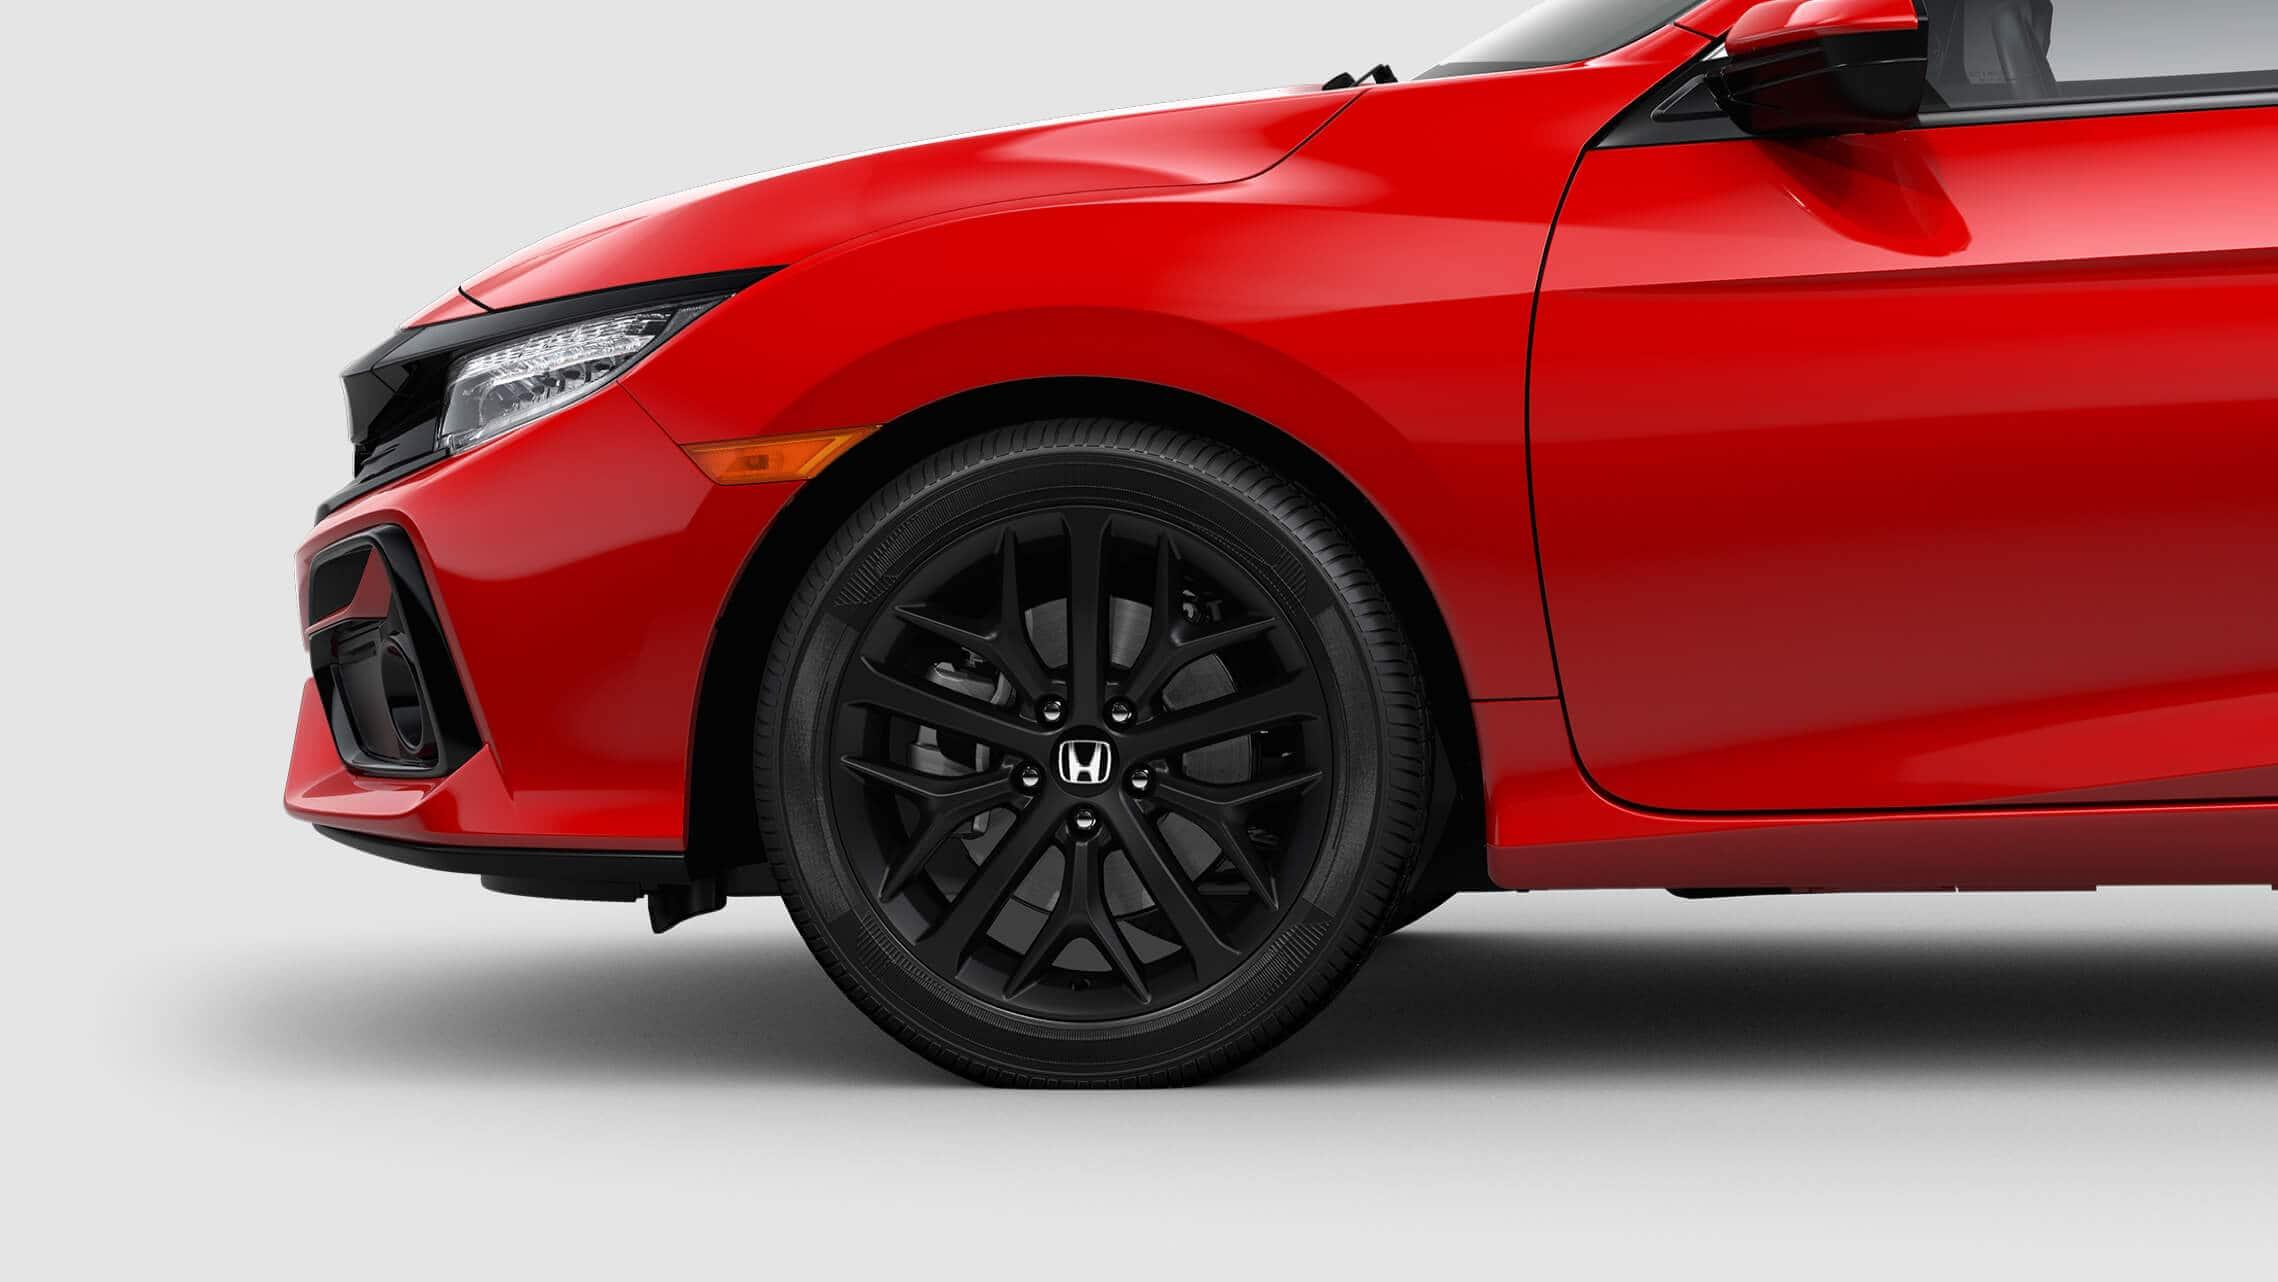 Vista frontal de 3/4 desde el lado del conductor del Honda Civic Si Coupé2020 en Rallye Red.